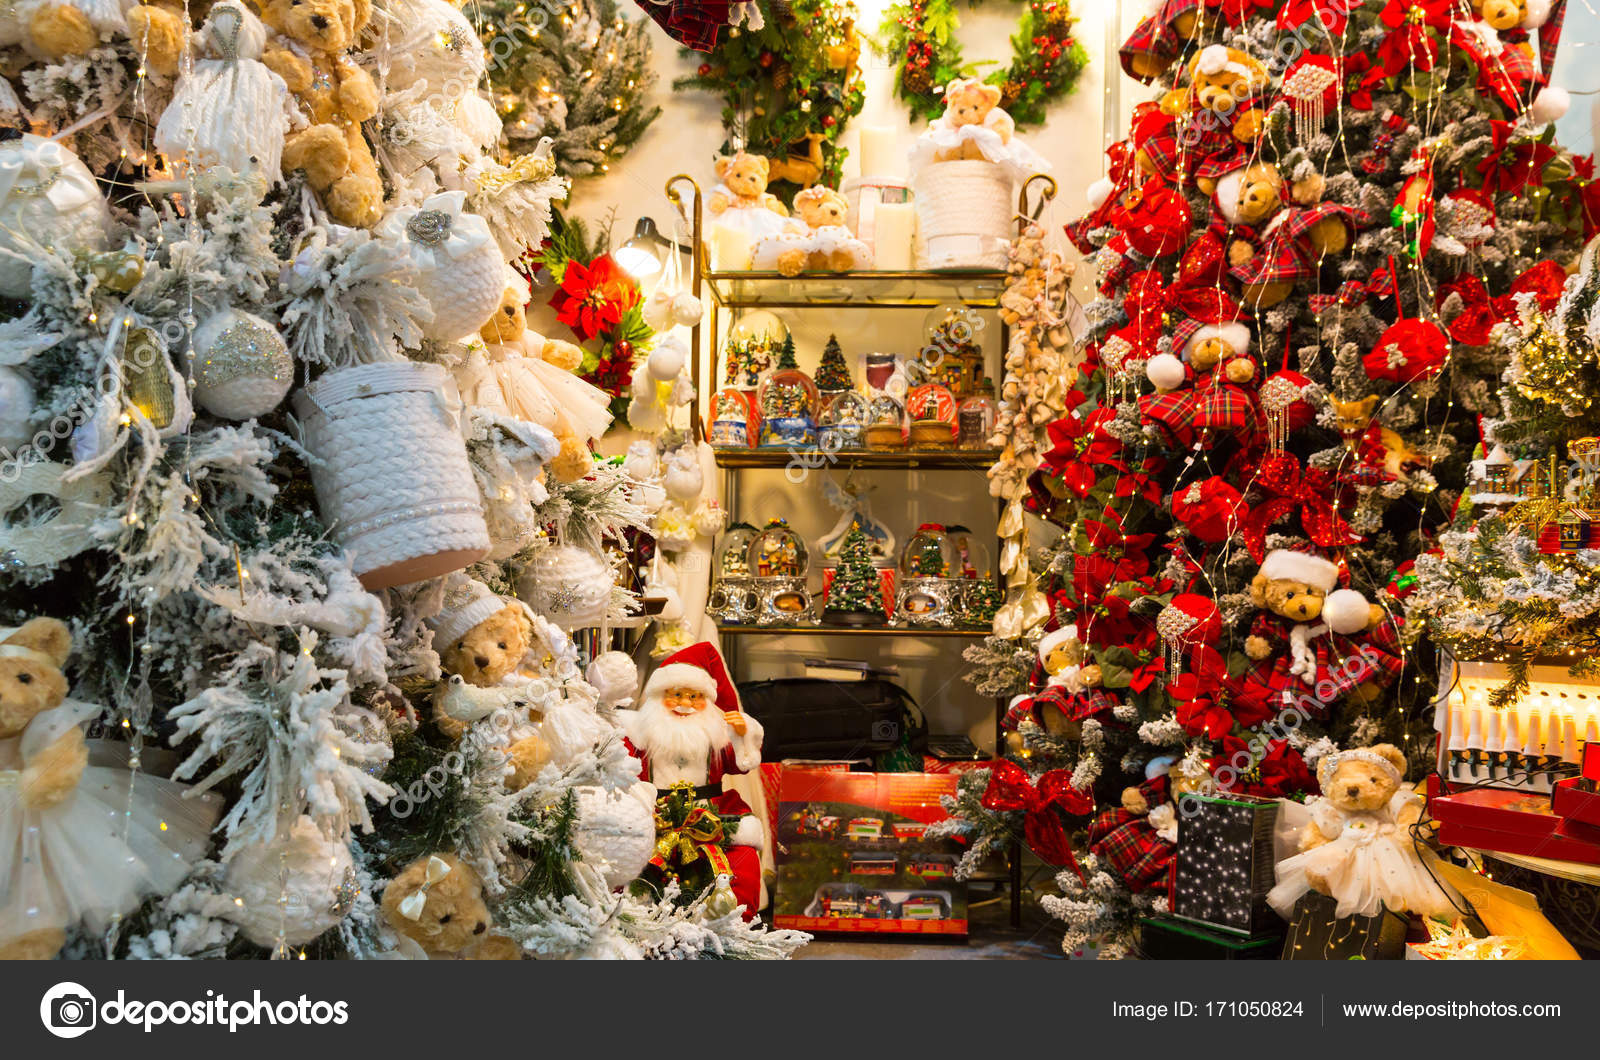 Immagini Di Alberi Di Natale Decorati.Alberi Di Natale Decorati Con Le Bagattelle Foto Stock